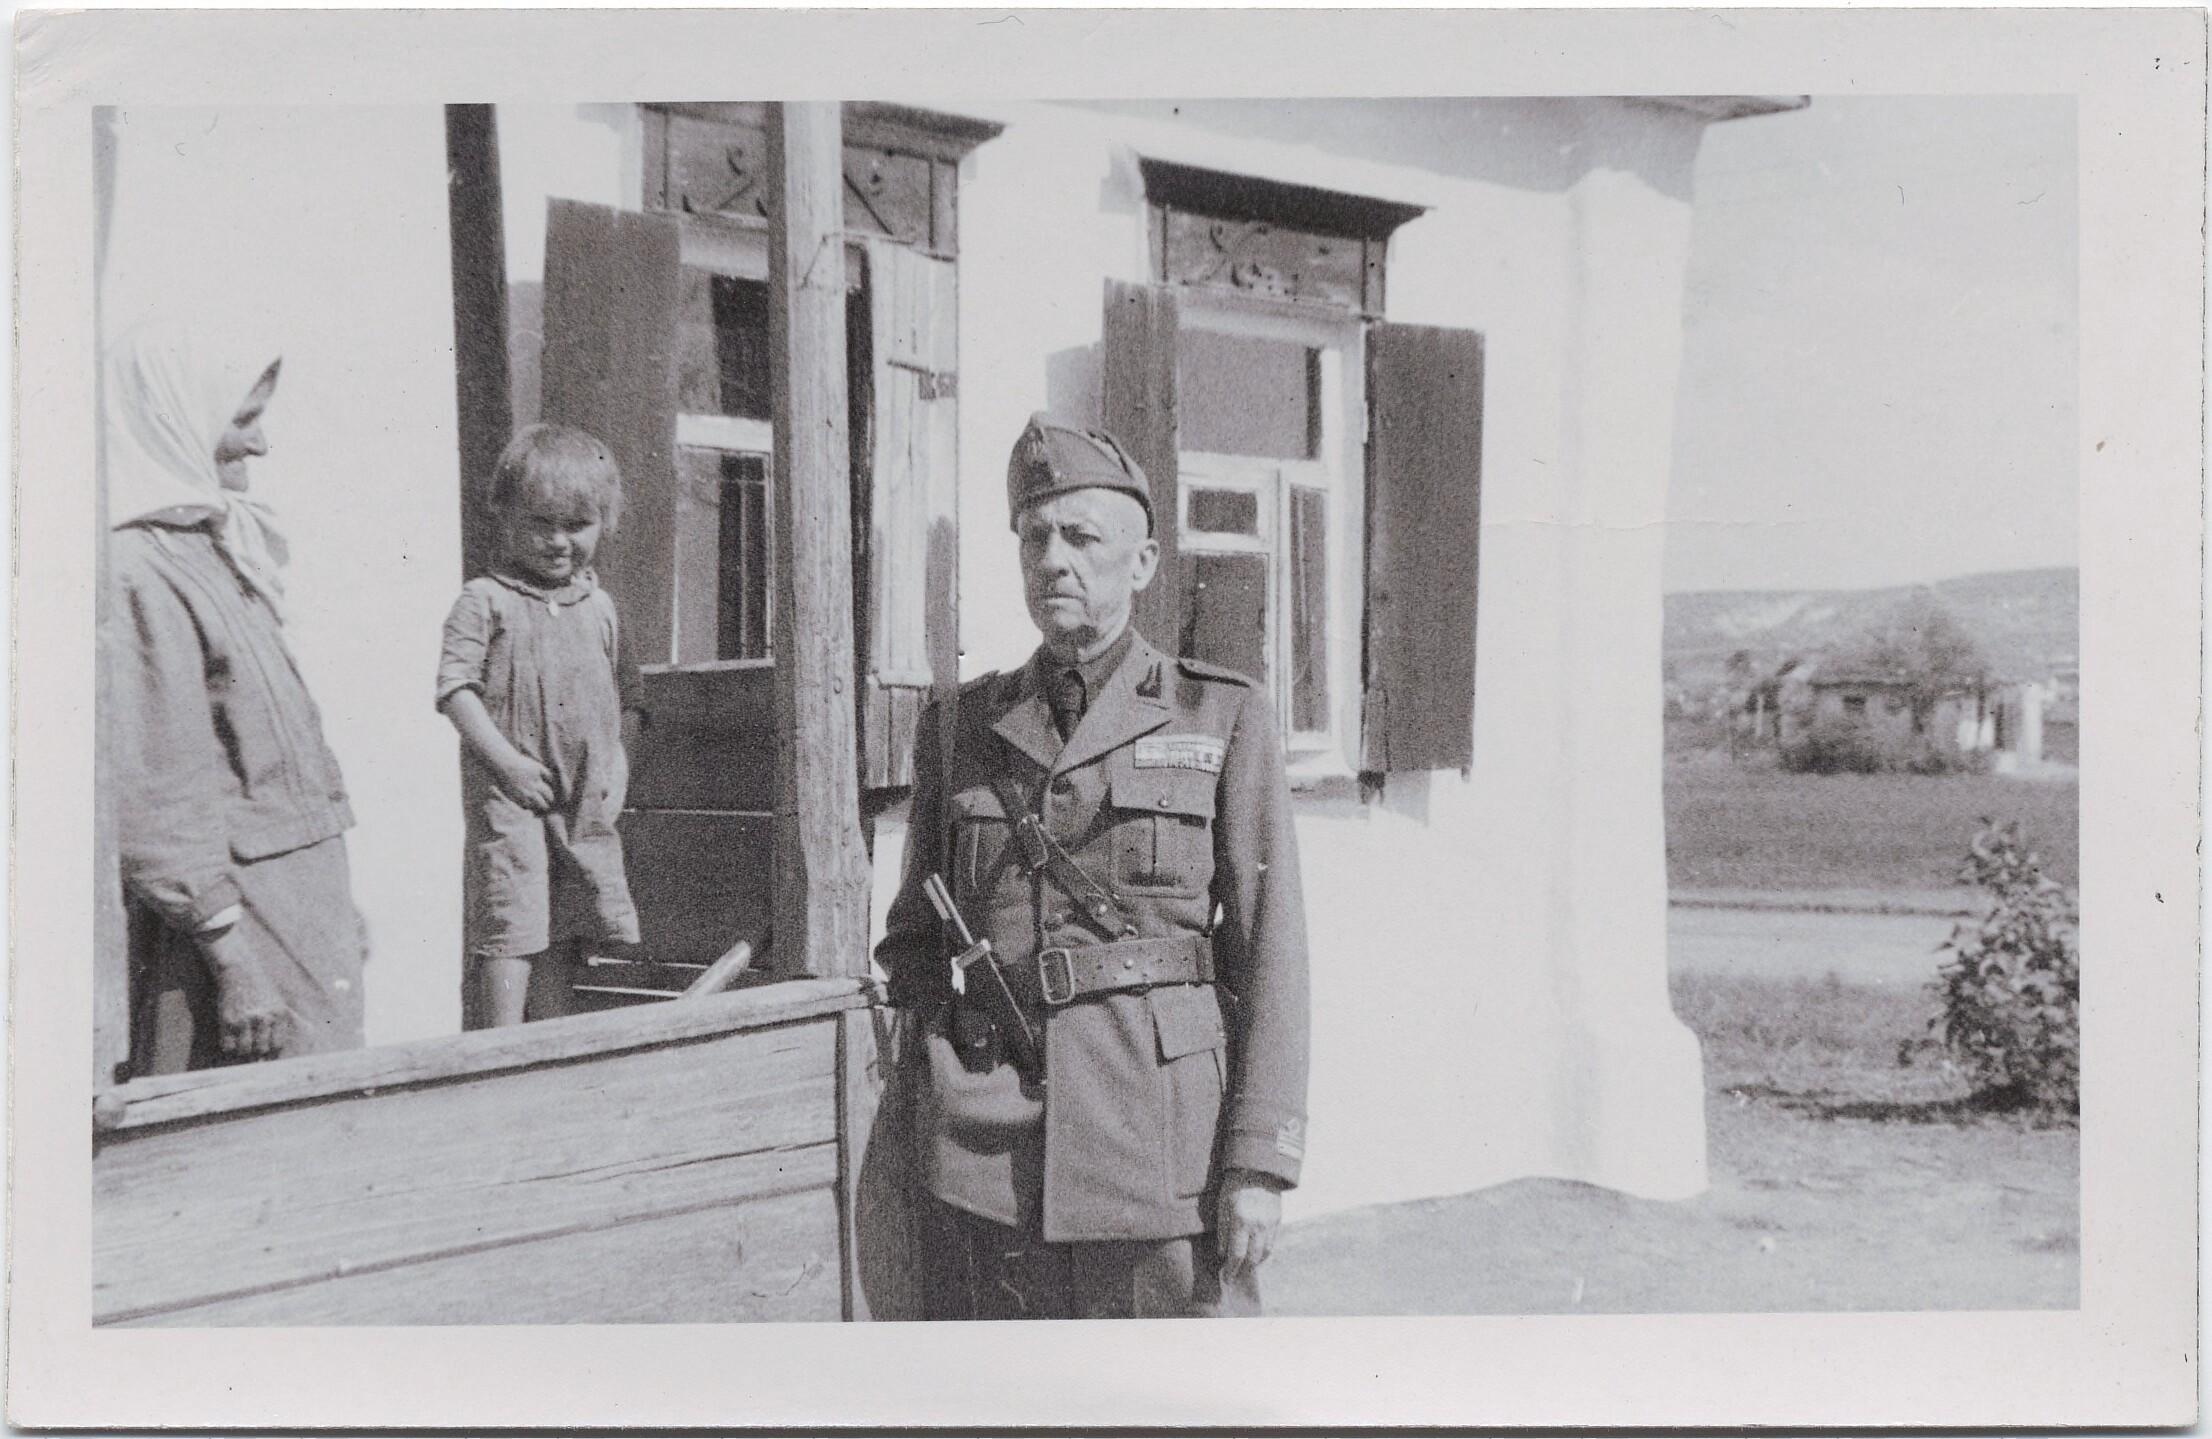 1942. Филиппо Томмазо Маринетти рядом с крестьянкой и ребенком. 11 сентября